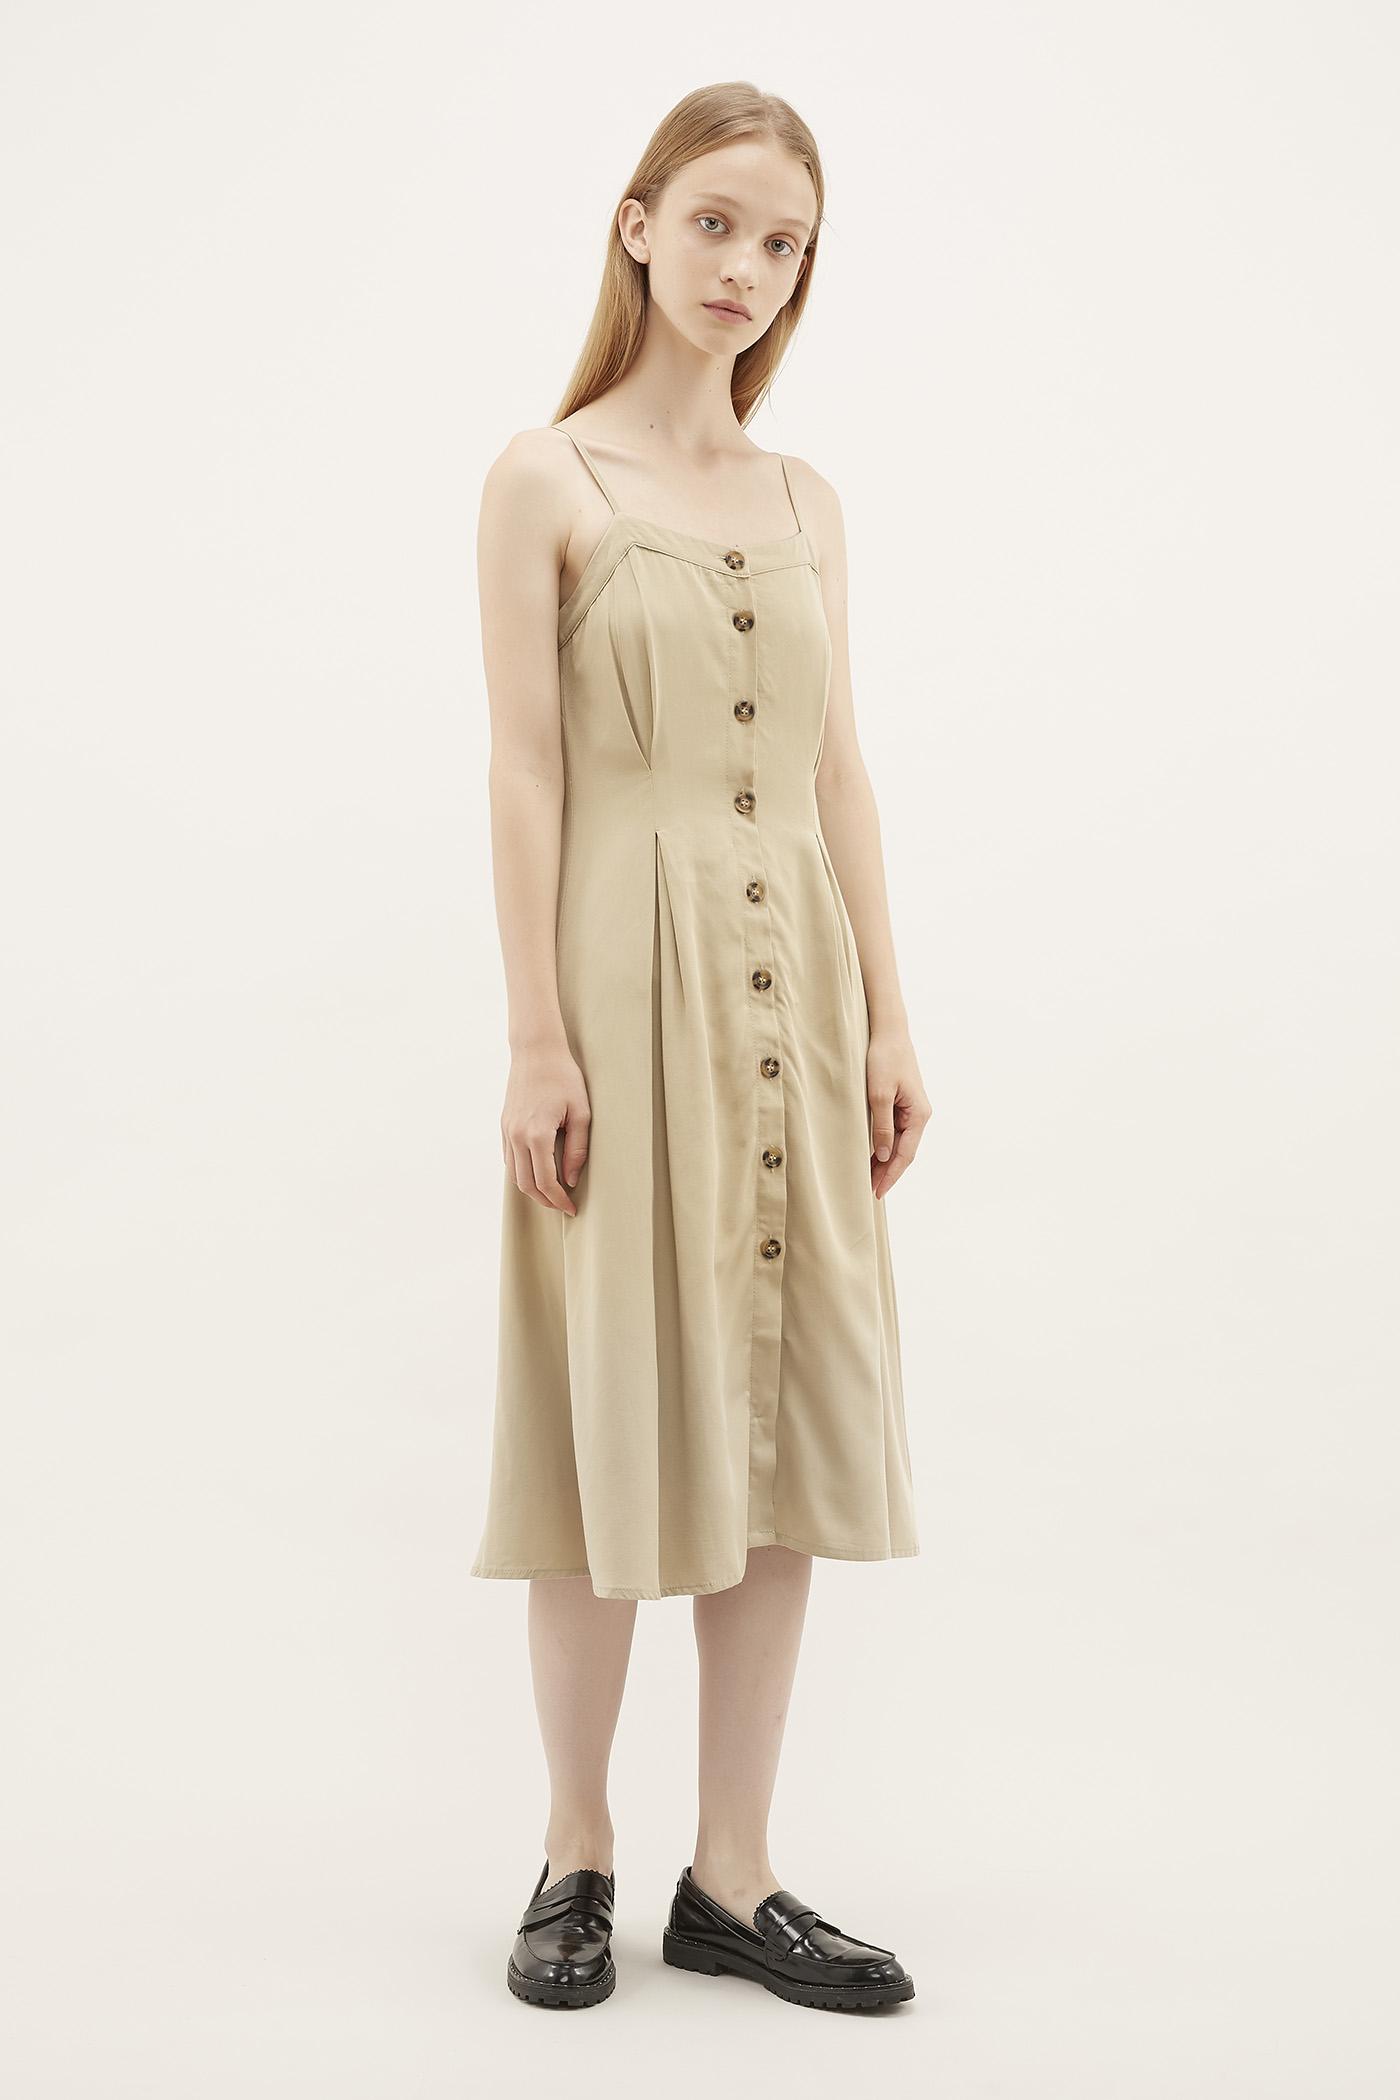 Nuria Box-pleat Dress